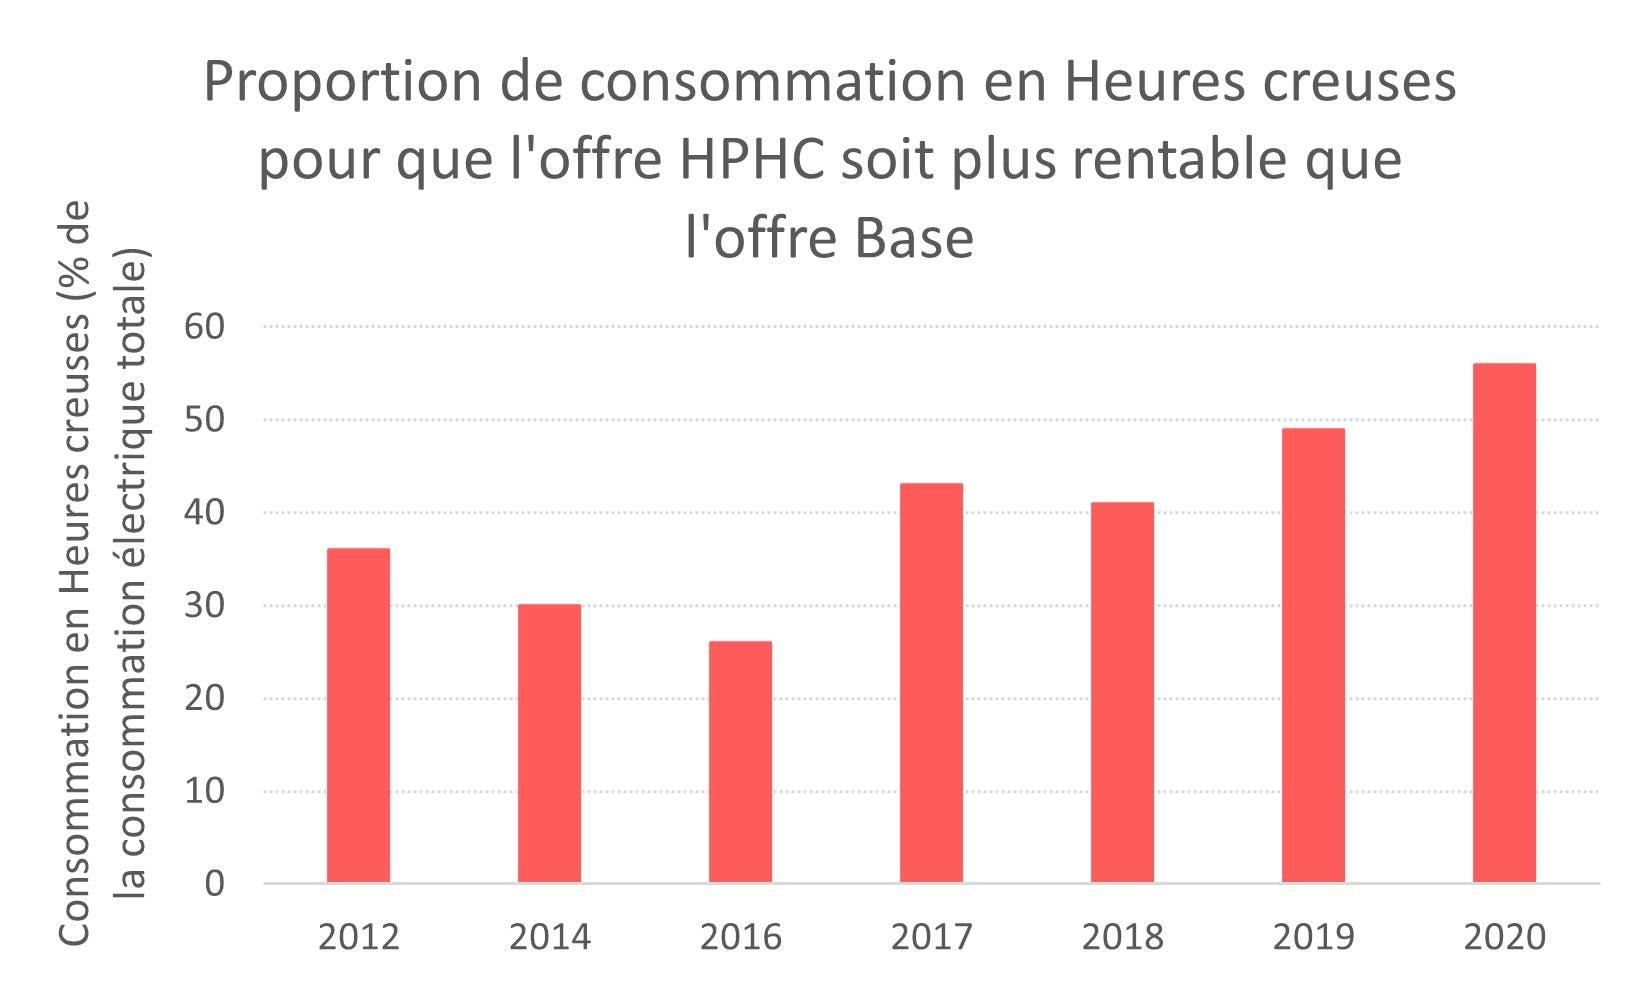 Proportion de consommation heures creuses de l'offre HCHP